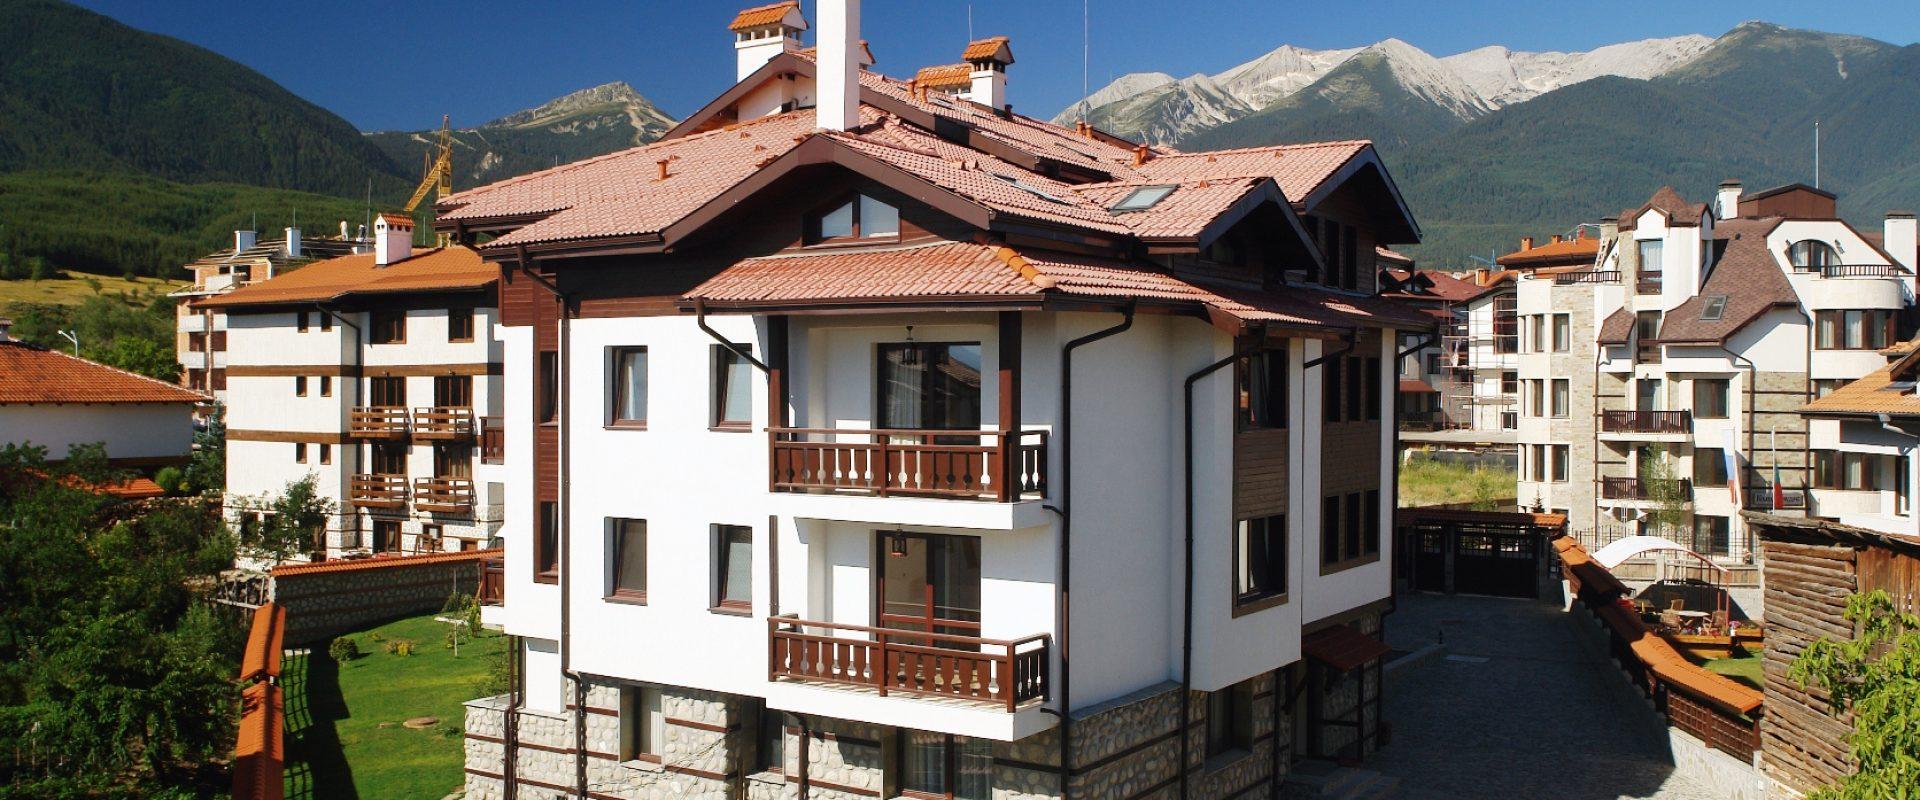 Odihnă la munte în Bulgaria, Bansko, Hotel Winslow Elegance